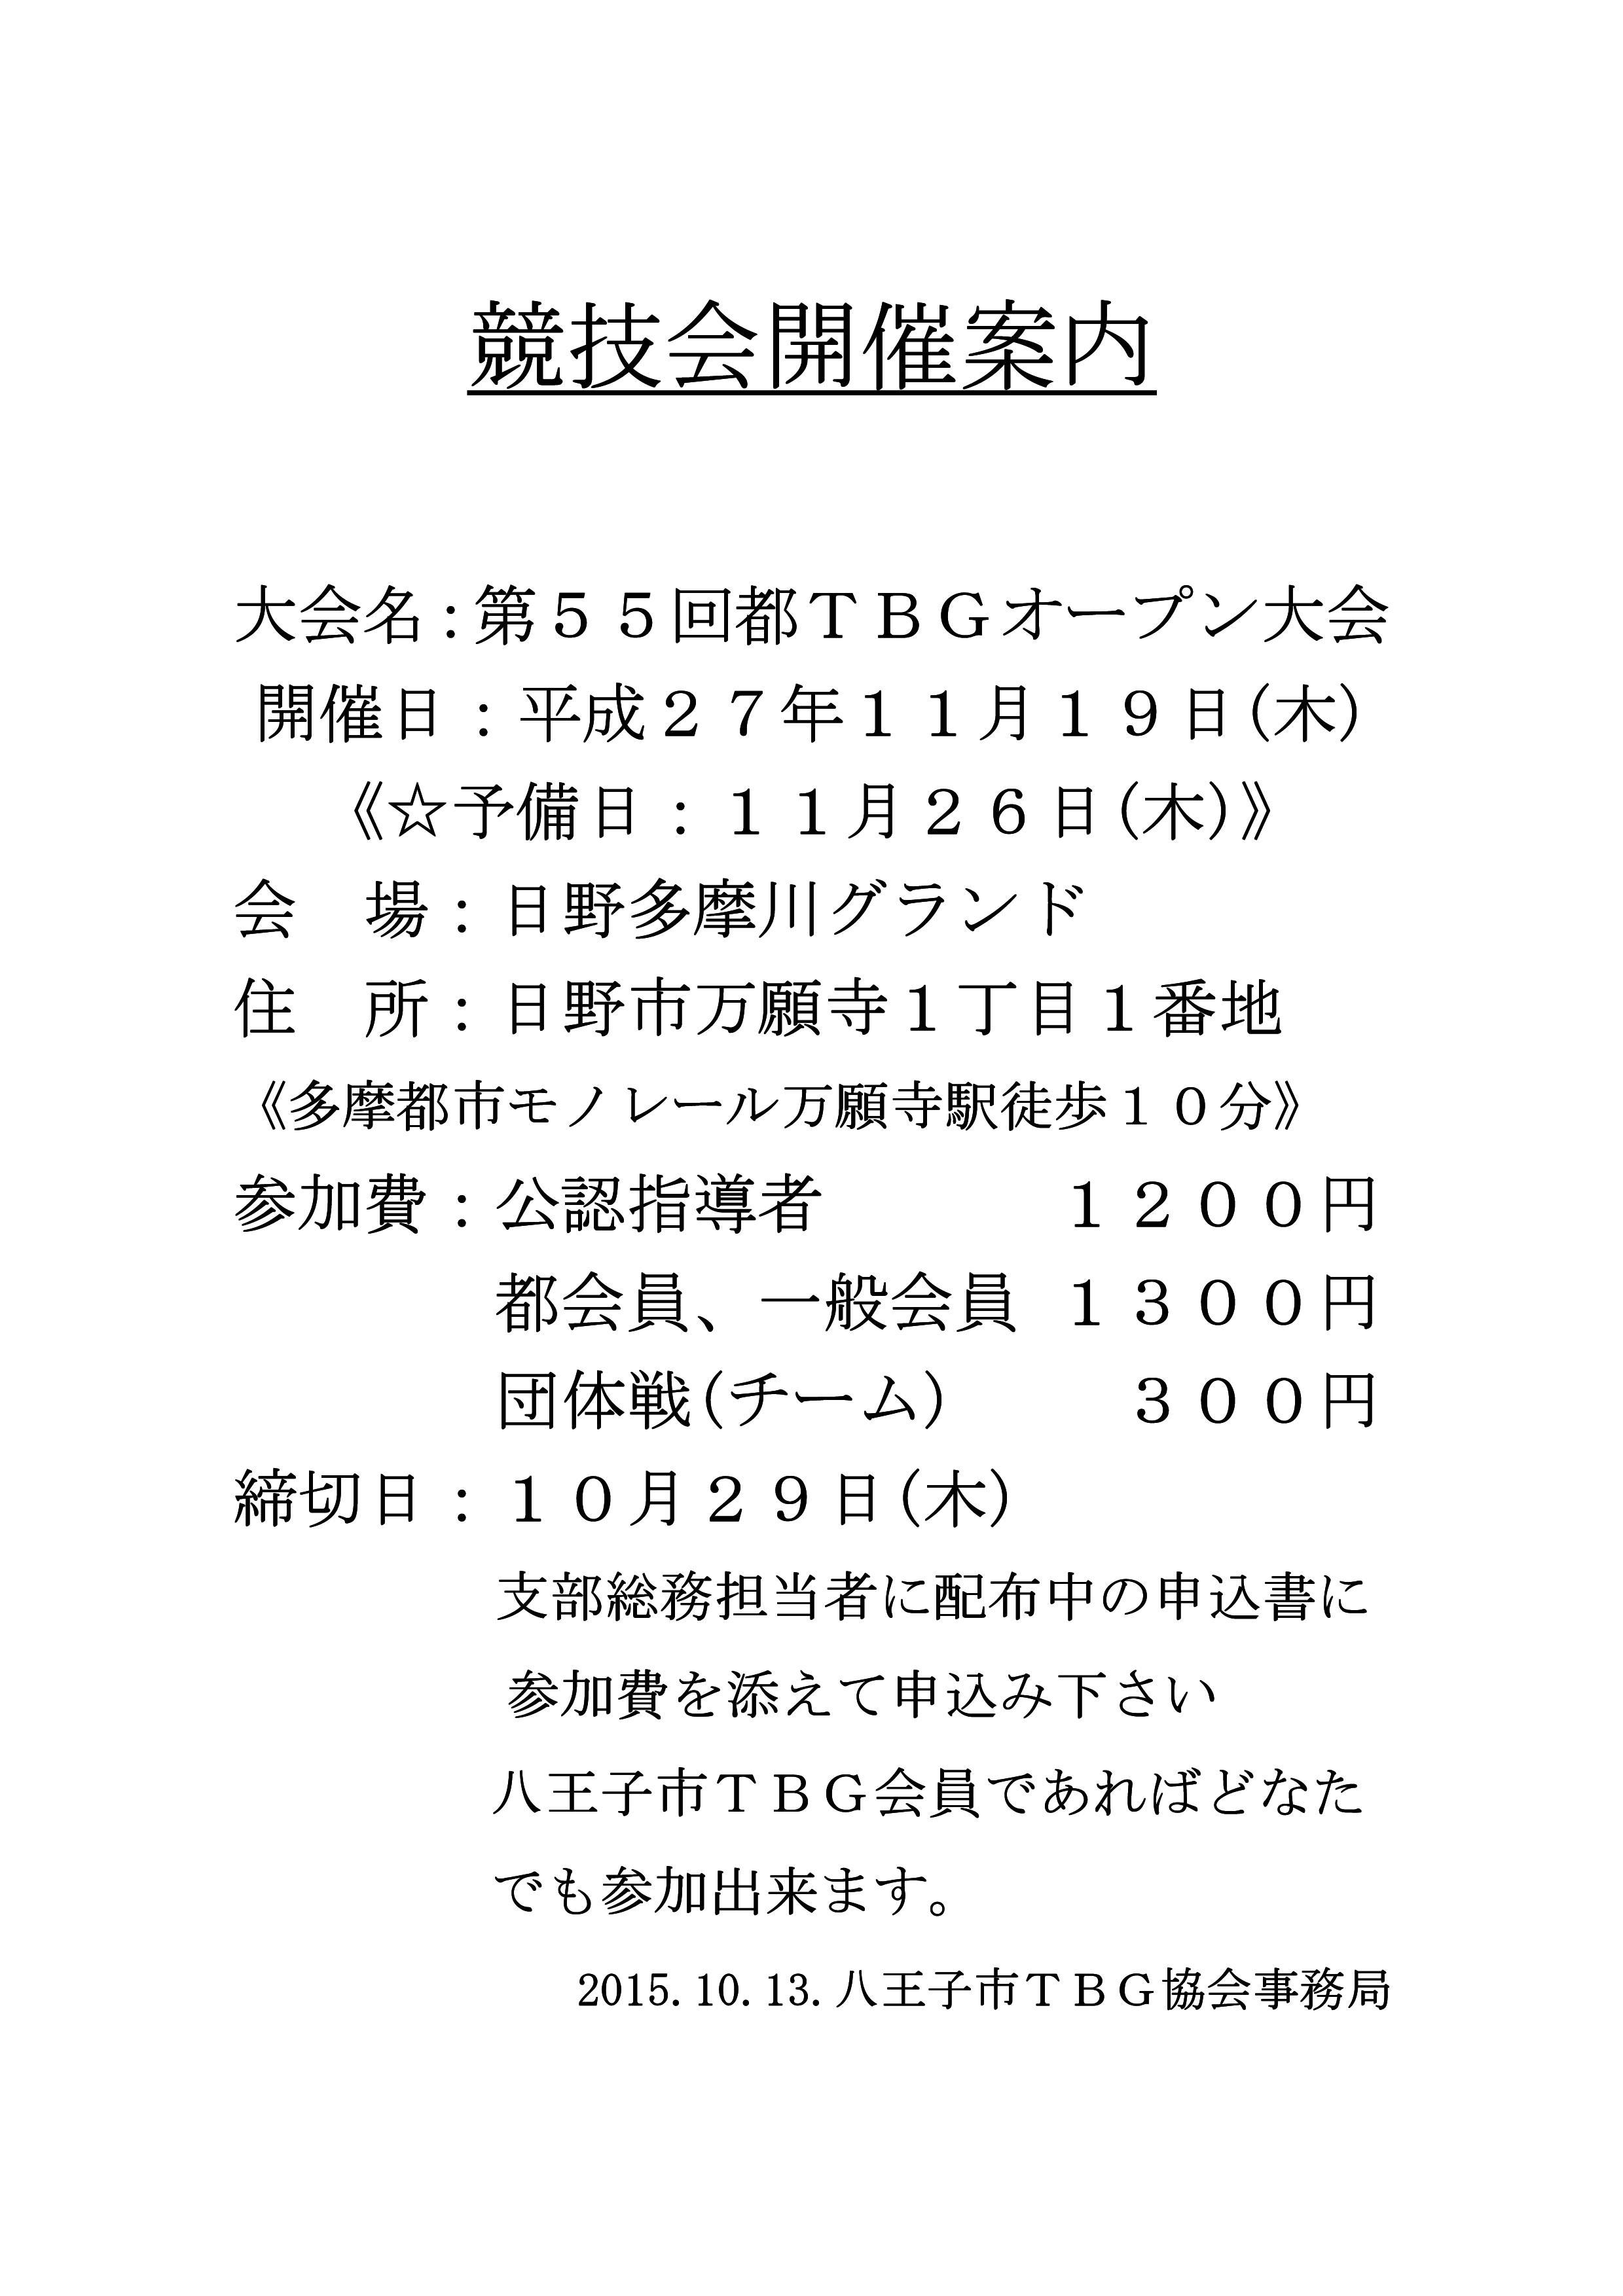 第55回都TBGオープン大会の御案内(11月19日開催)